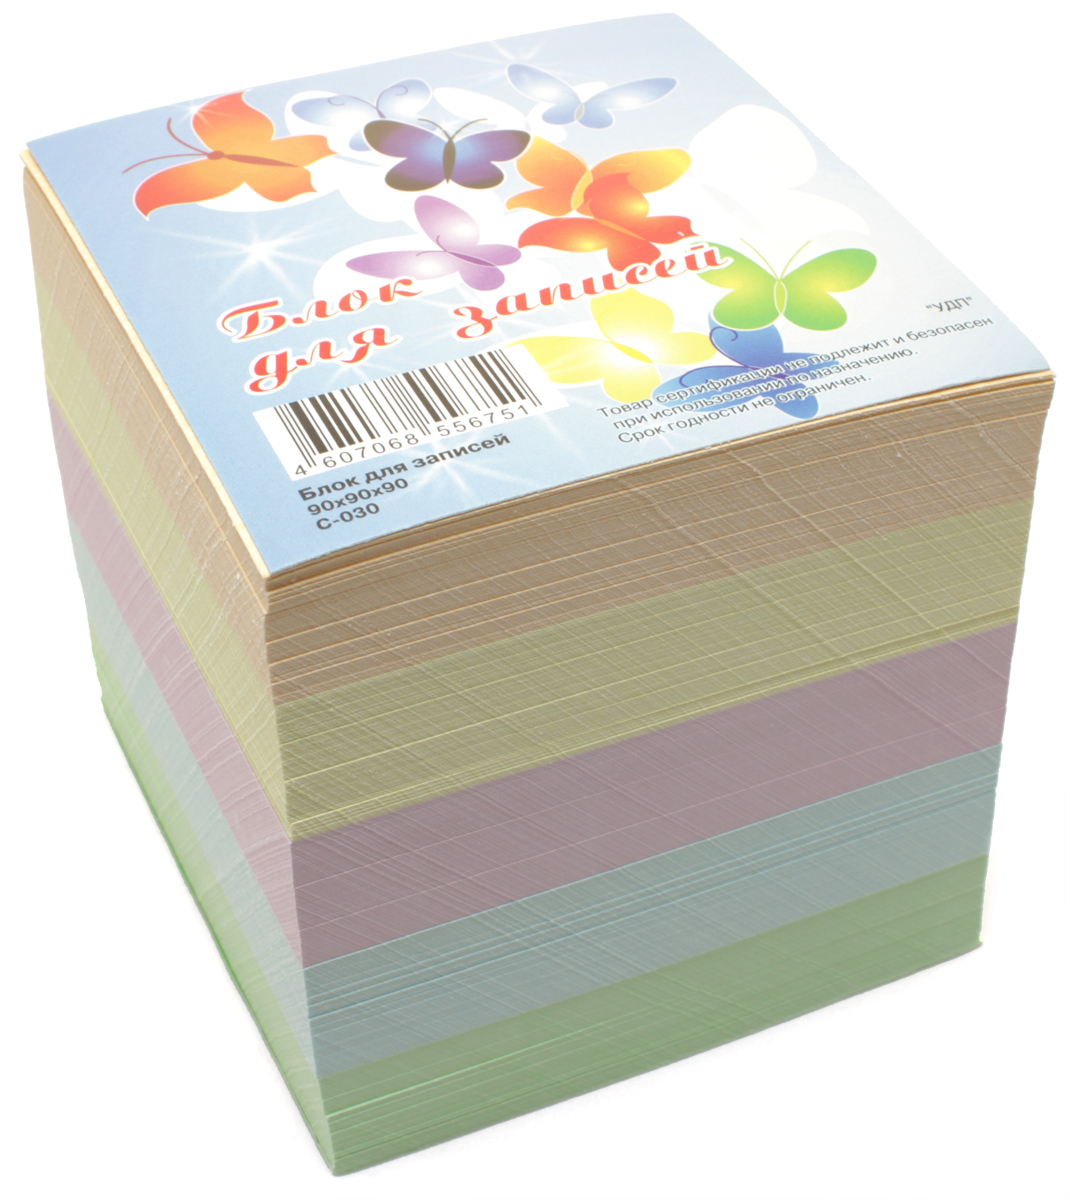 Ульяновский Дом печати Бумага для заметок цветная С-030С-030Бумага для заметок Ульяновский Дом печати - это удобное и практическое решение для быстрой записи информации дома или на работе.Блок состоит из листов цветной бумаги и имеет размер 9 см х 9 см х 9 см.